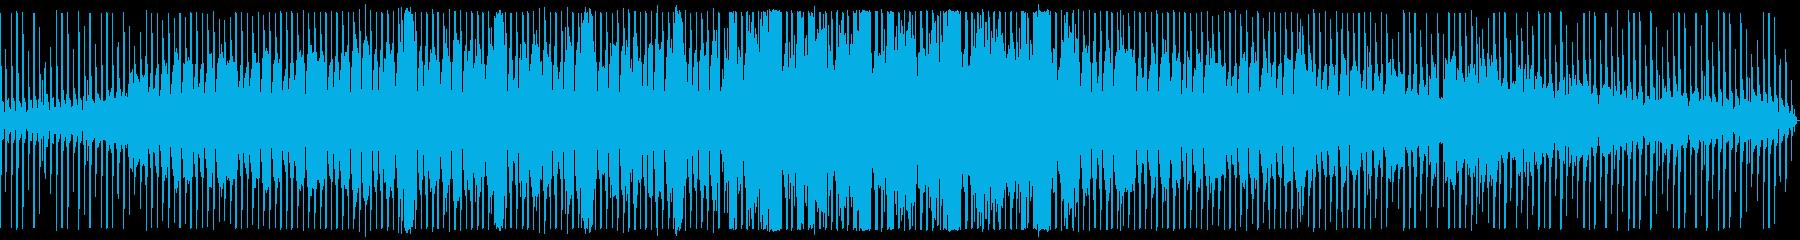 四つ打ちテクノの再生済みの波形